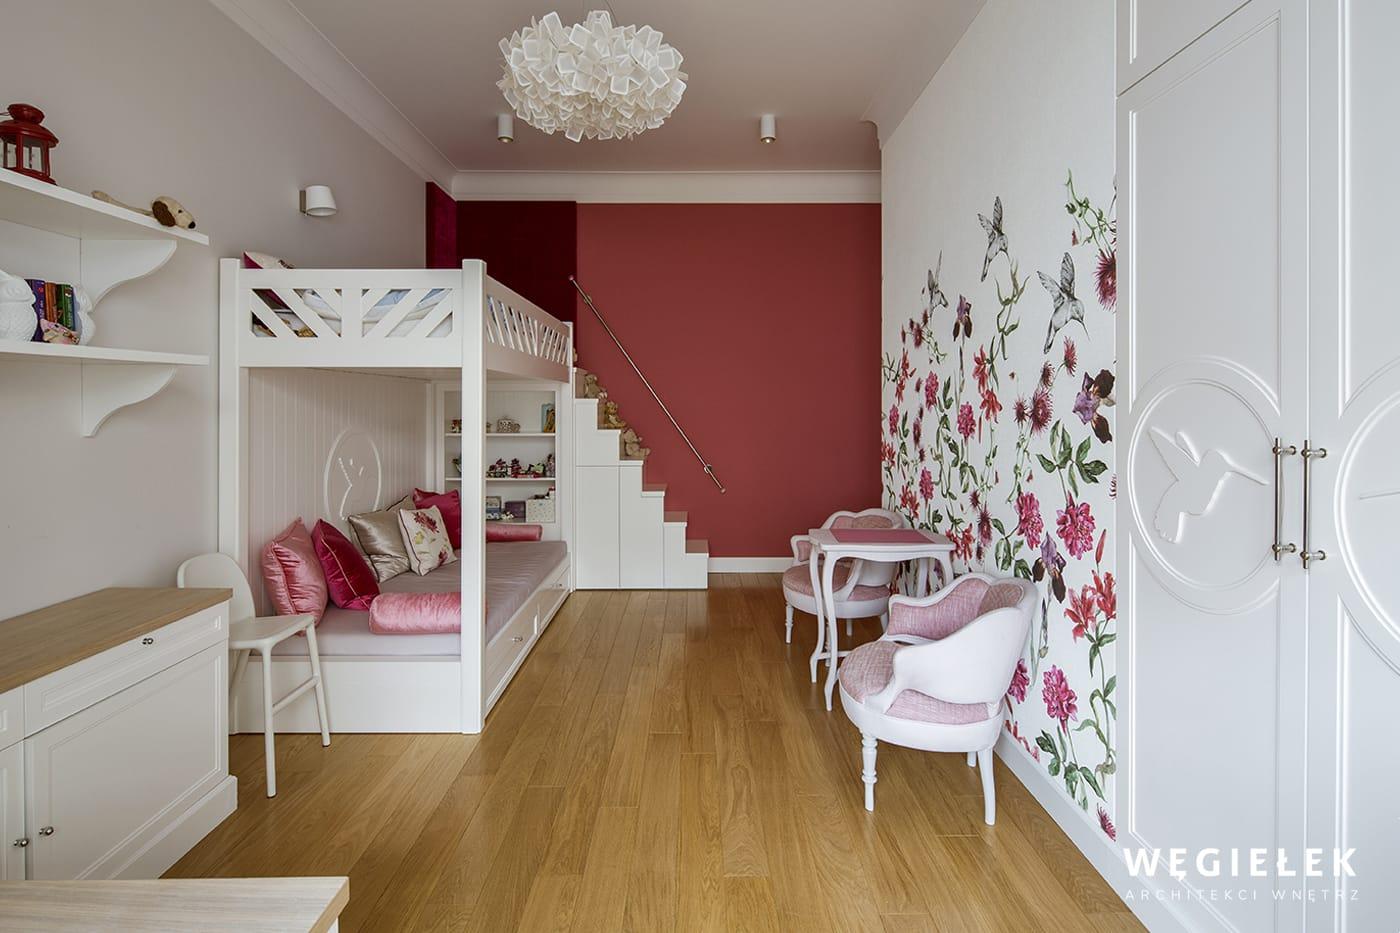 Architekci wnętrz z Warszawy pomysłowo urządzili zachwycający pokój dla dwóch dziewczynek